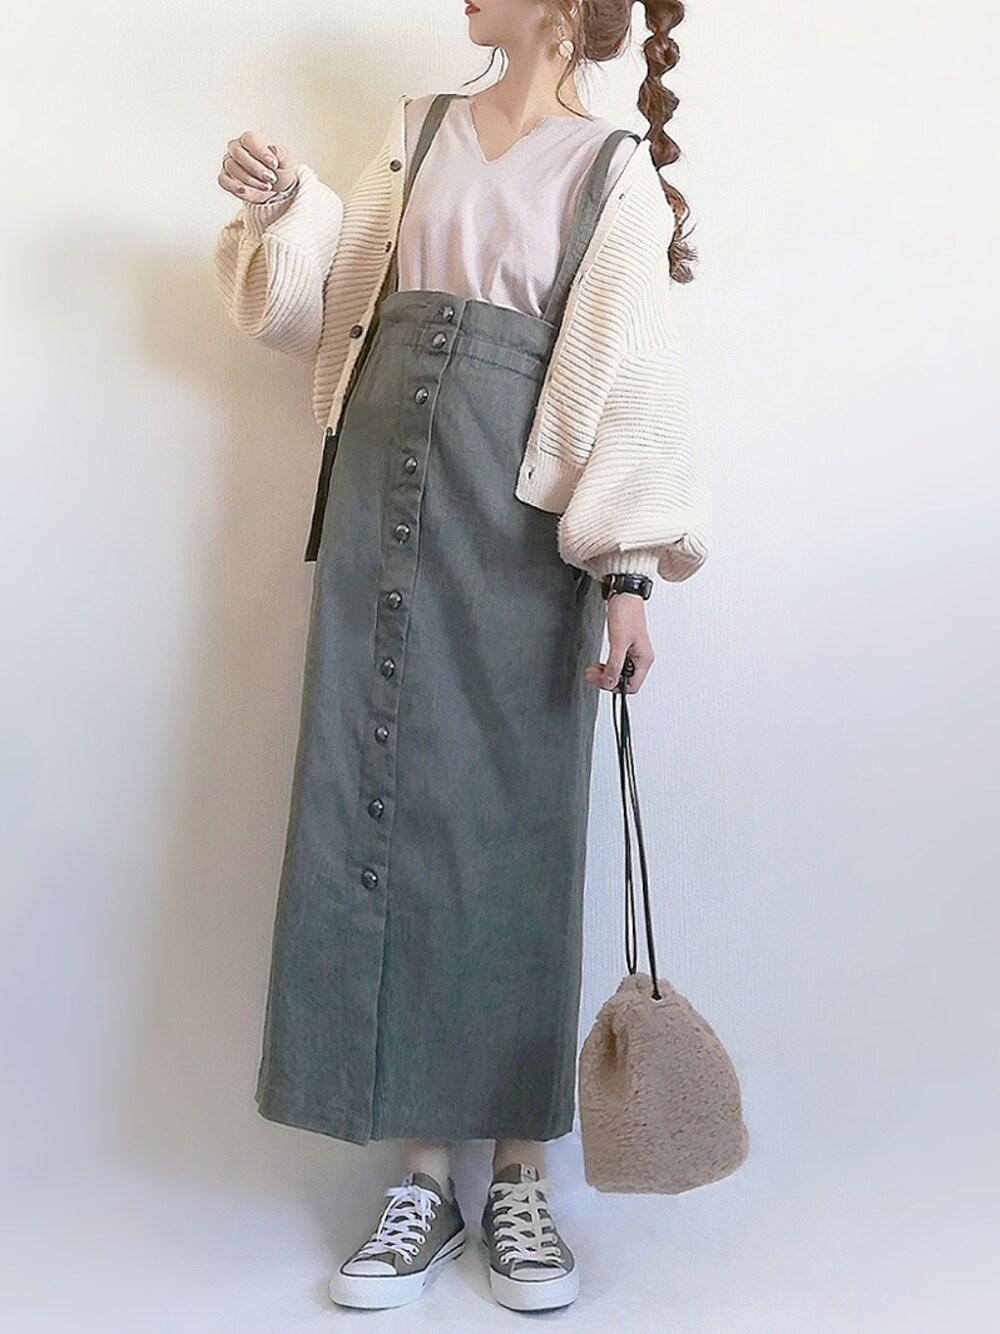 マタニティコーデ 30代妊婦 通販 Sweet mommy スカート 秋服